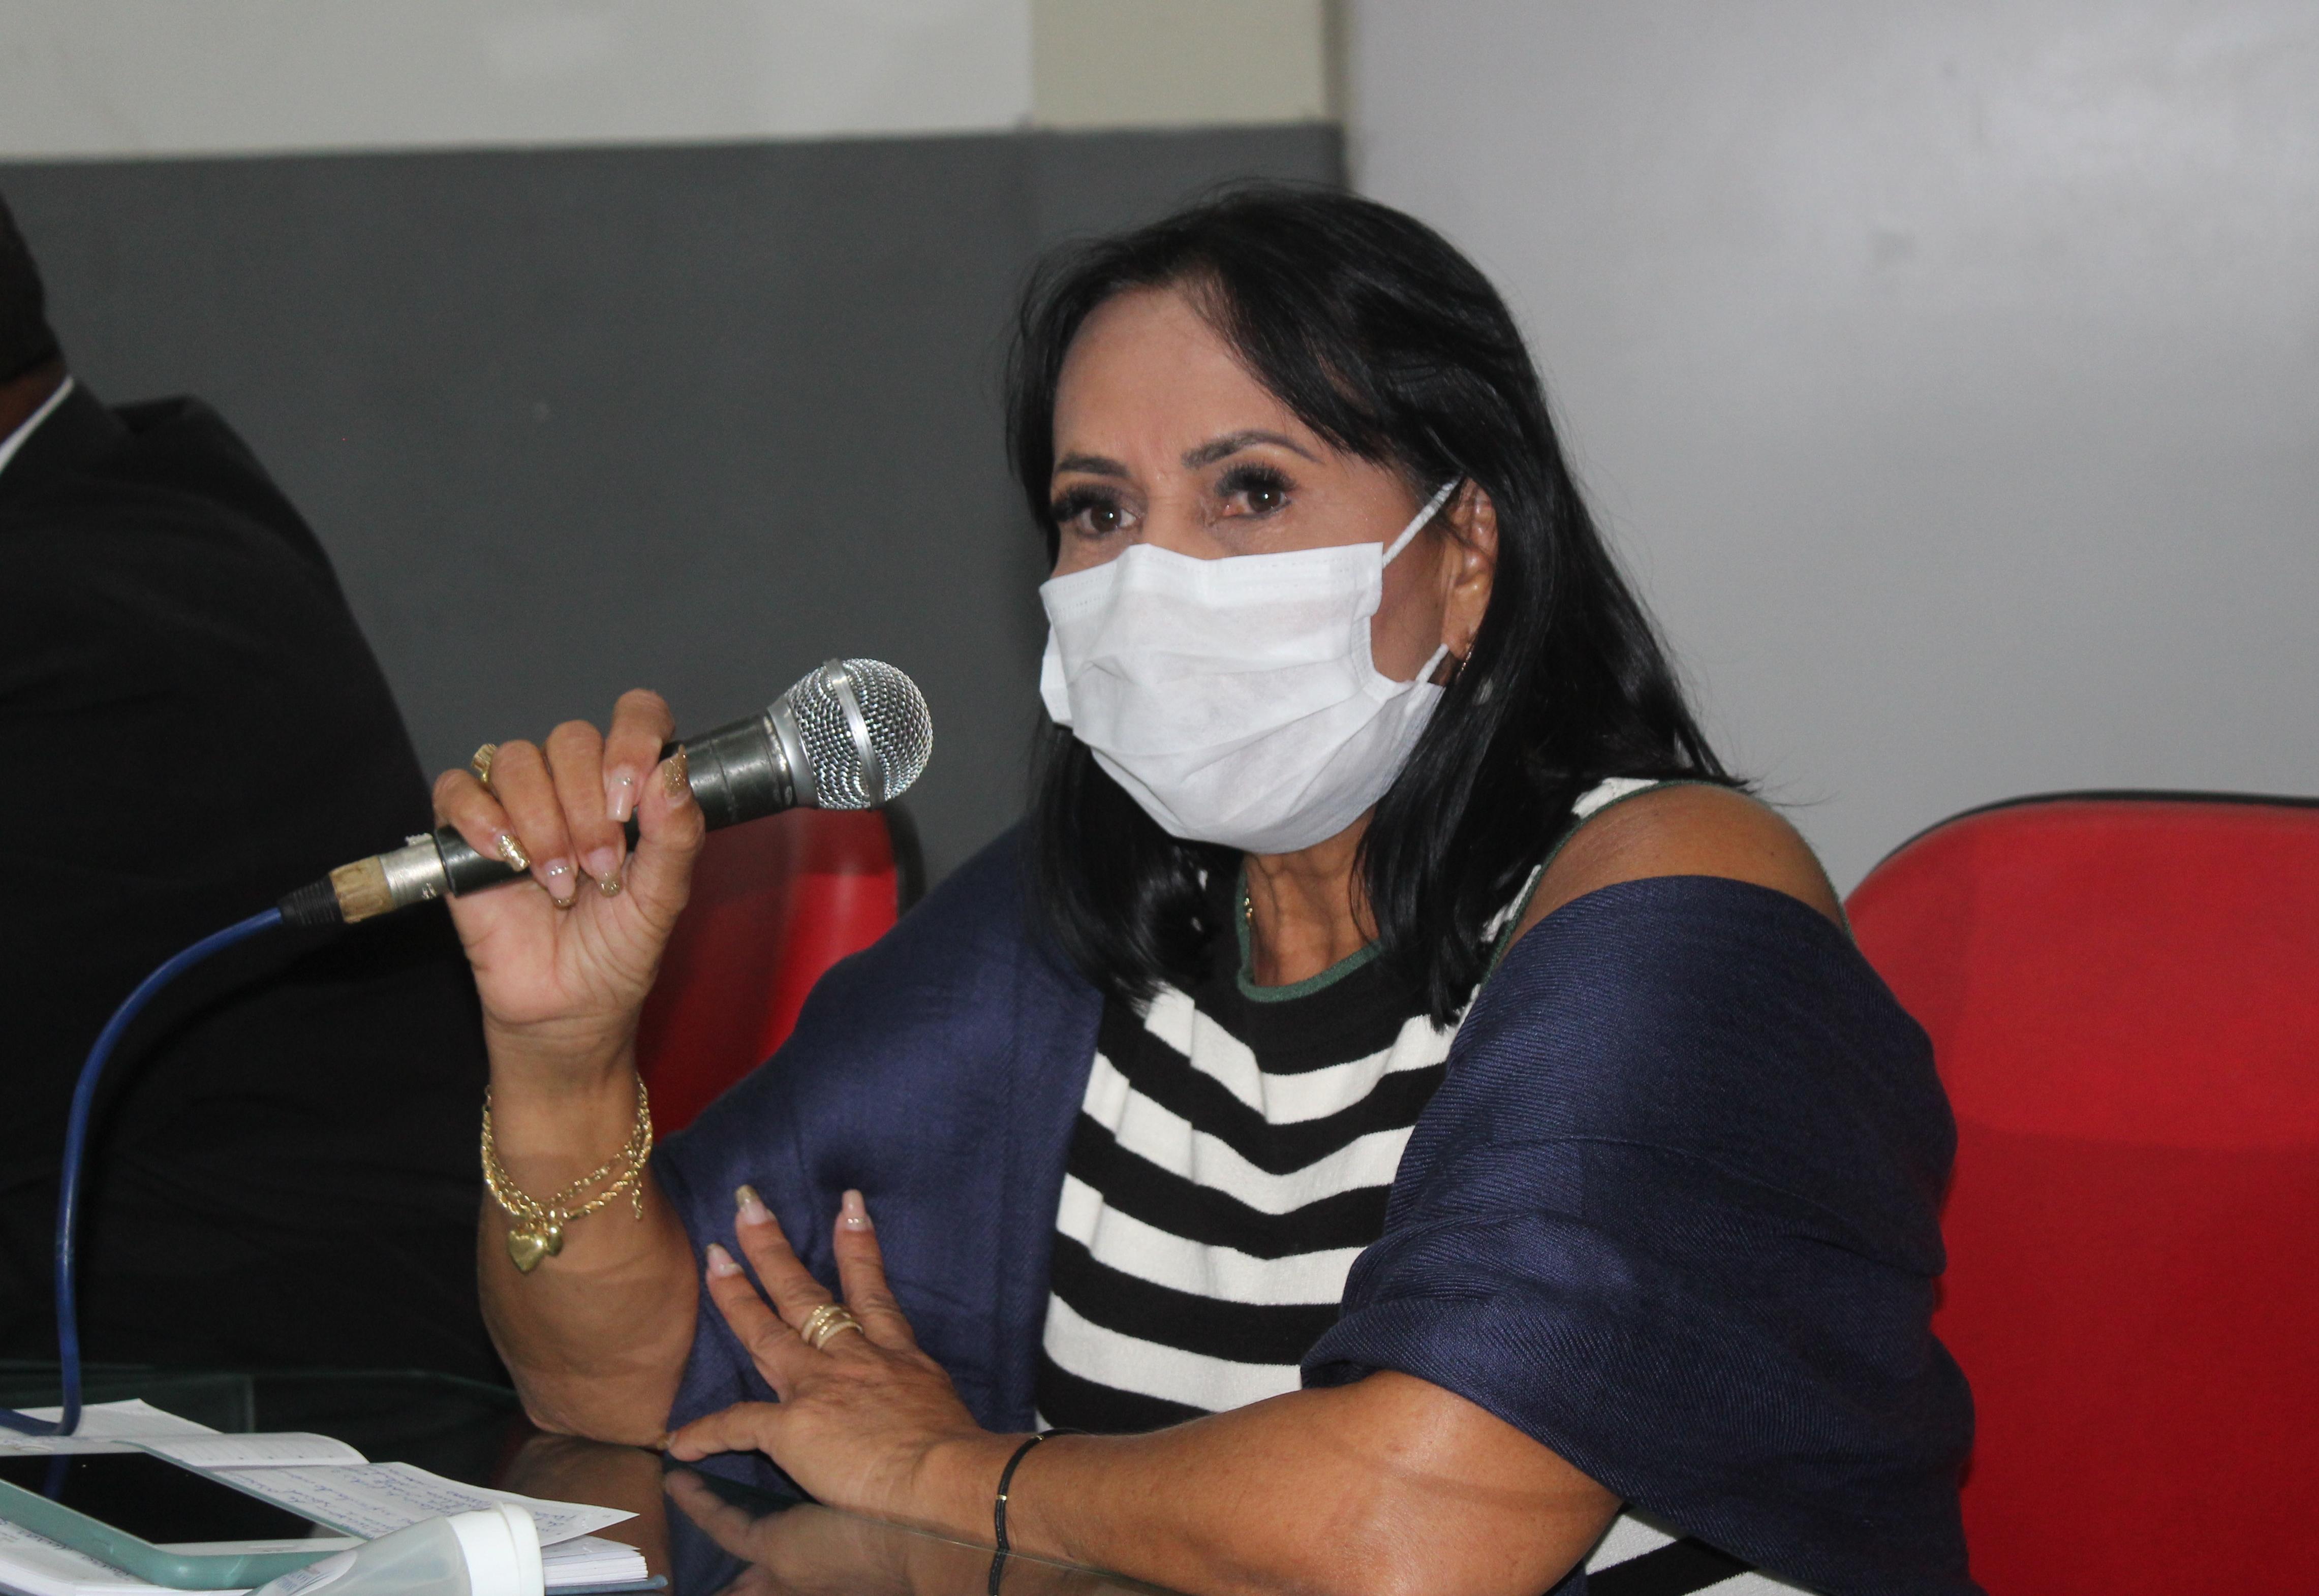 Vereadora Ny solicita manutenção da iluminação pública do Bairro Bela Vista e fala do acolhimento as famílias enlutadas em decorrência da Covid-19